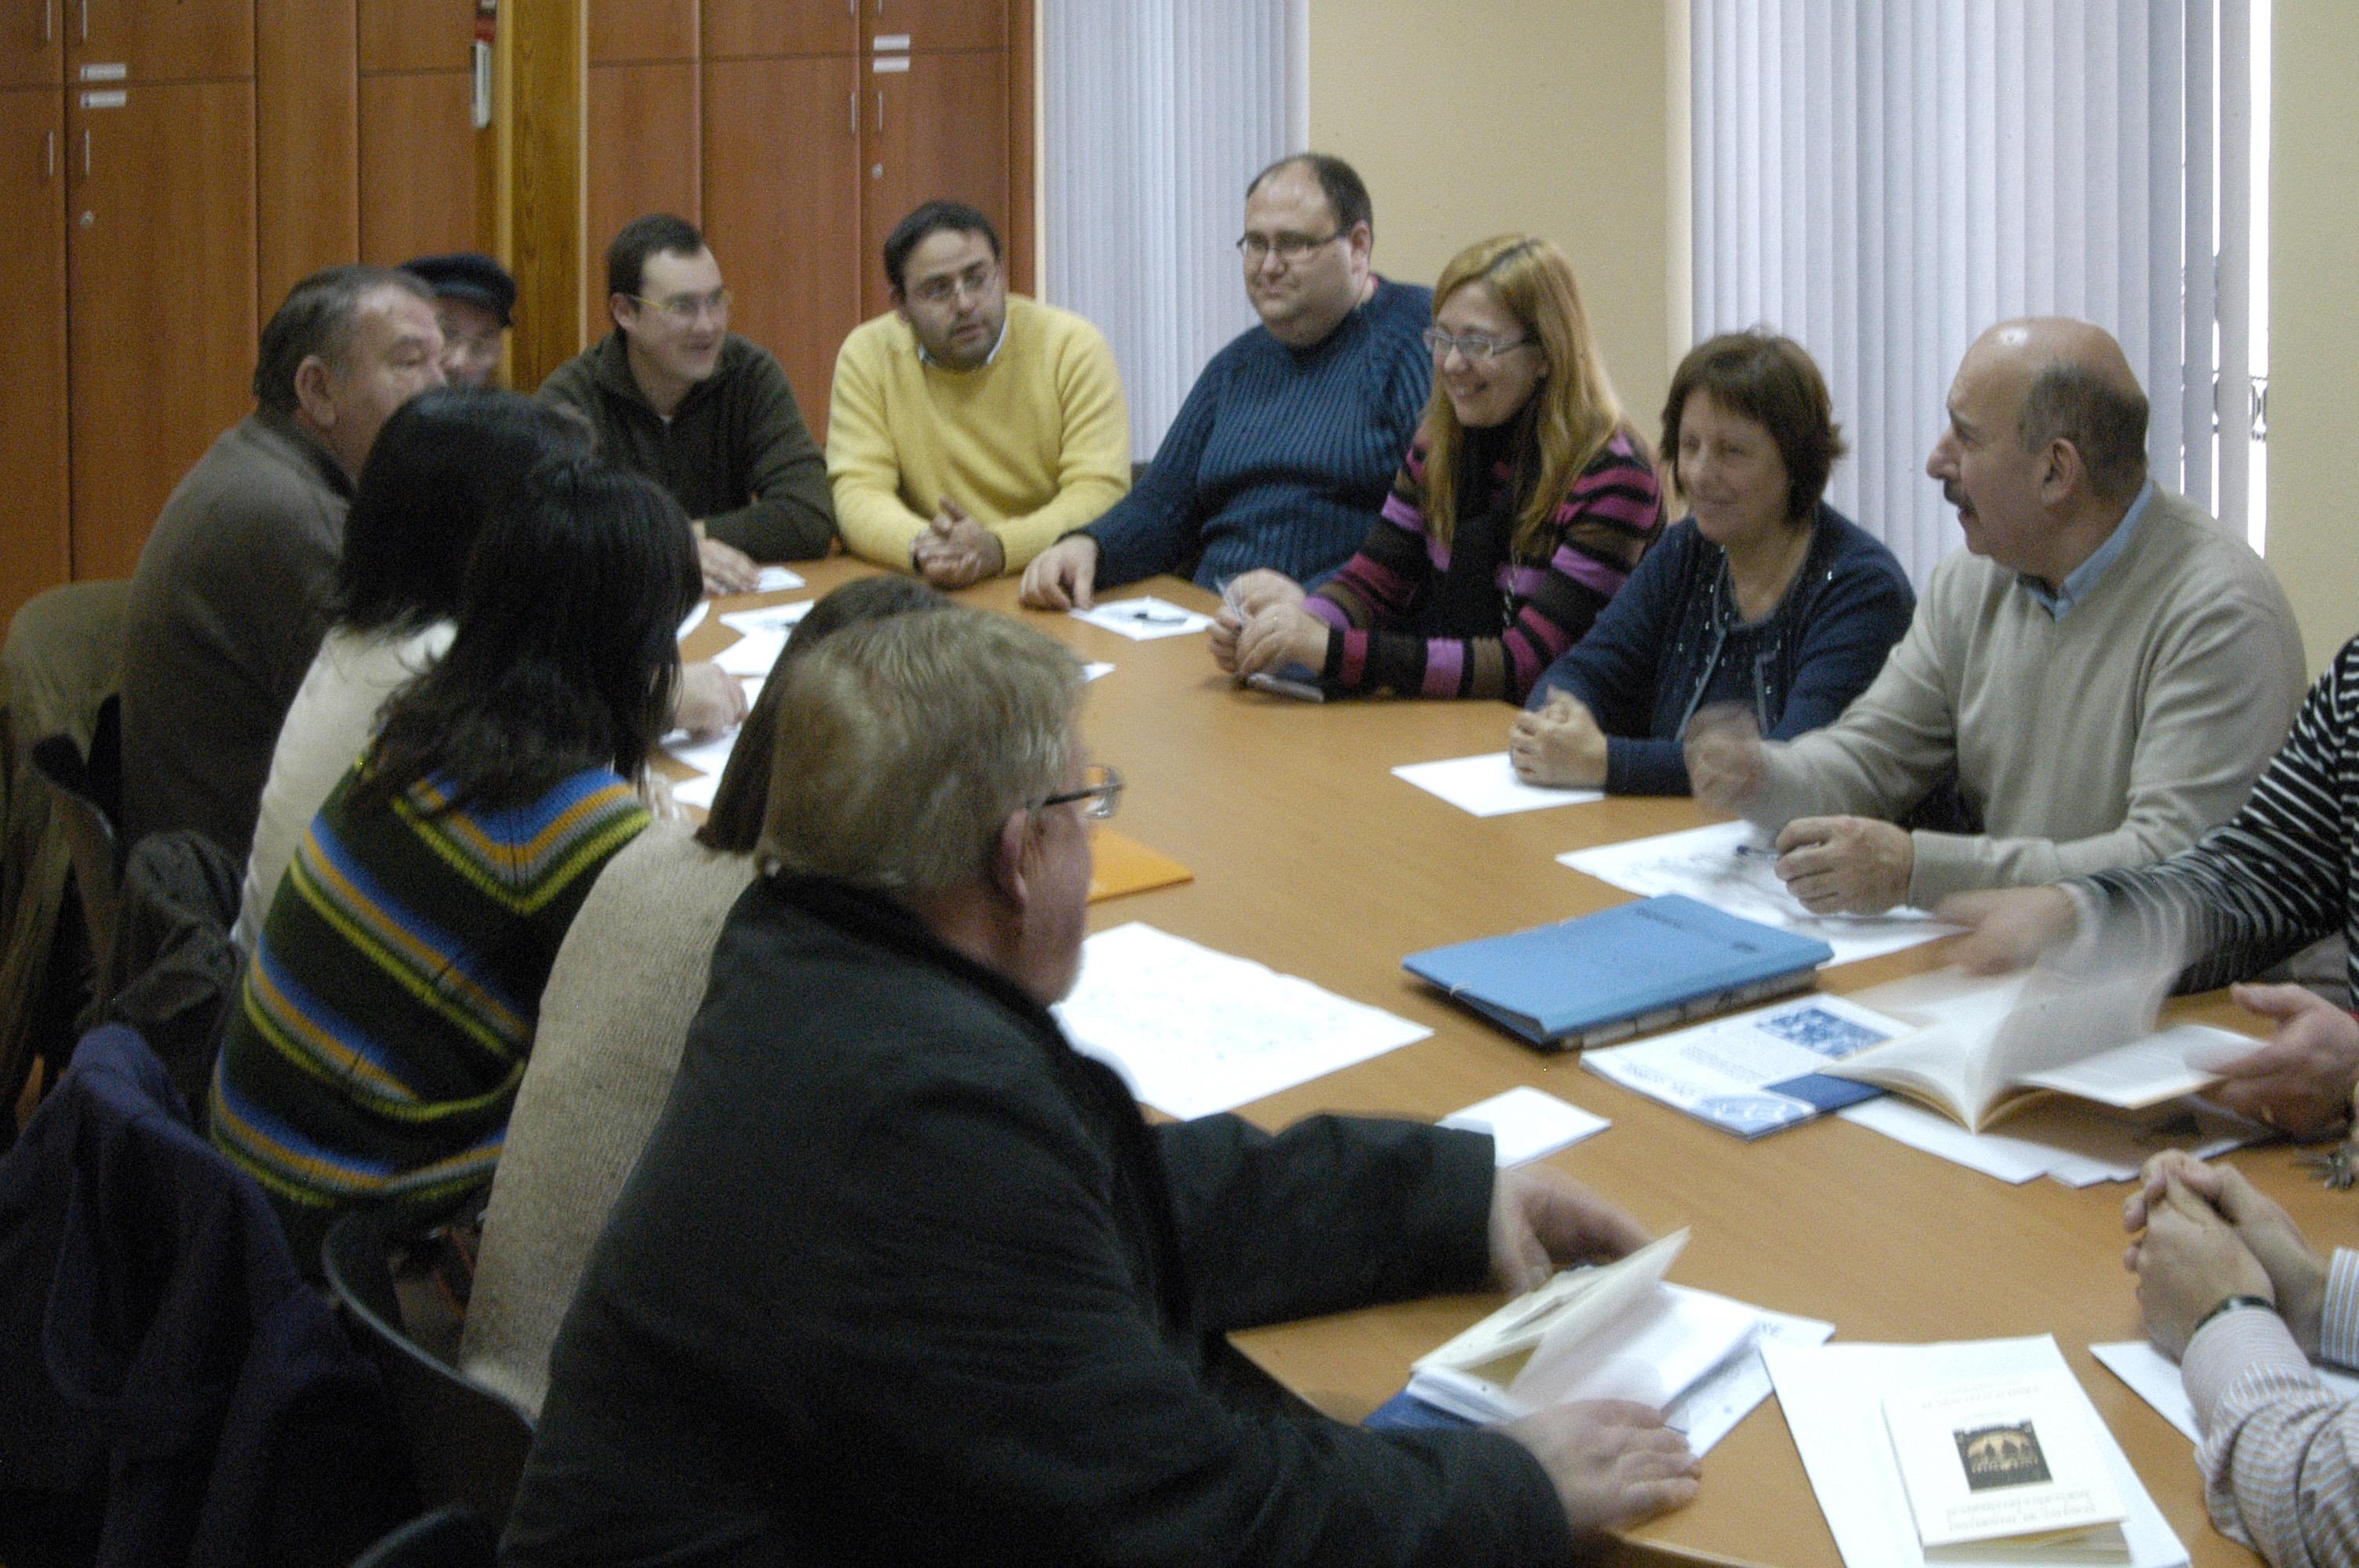 Primera reunió de l'IEVM. Ajuntament de Beneixama, 4 de gener de 2009.